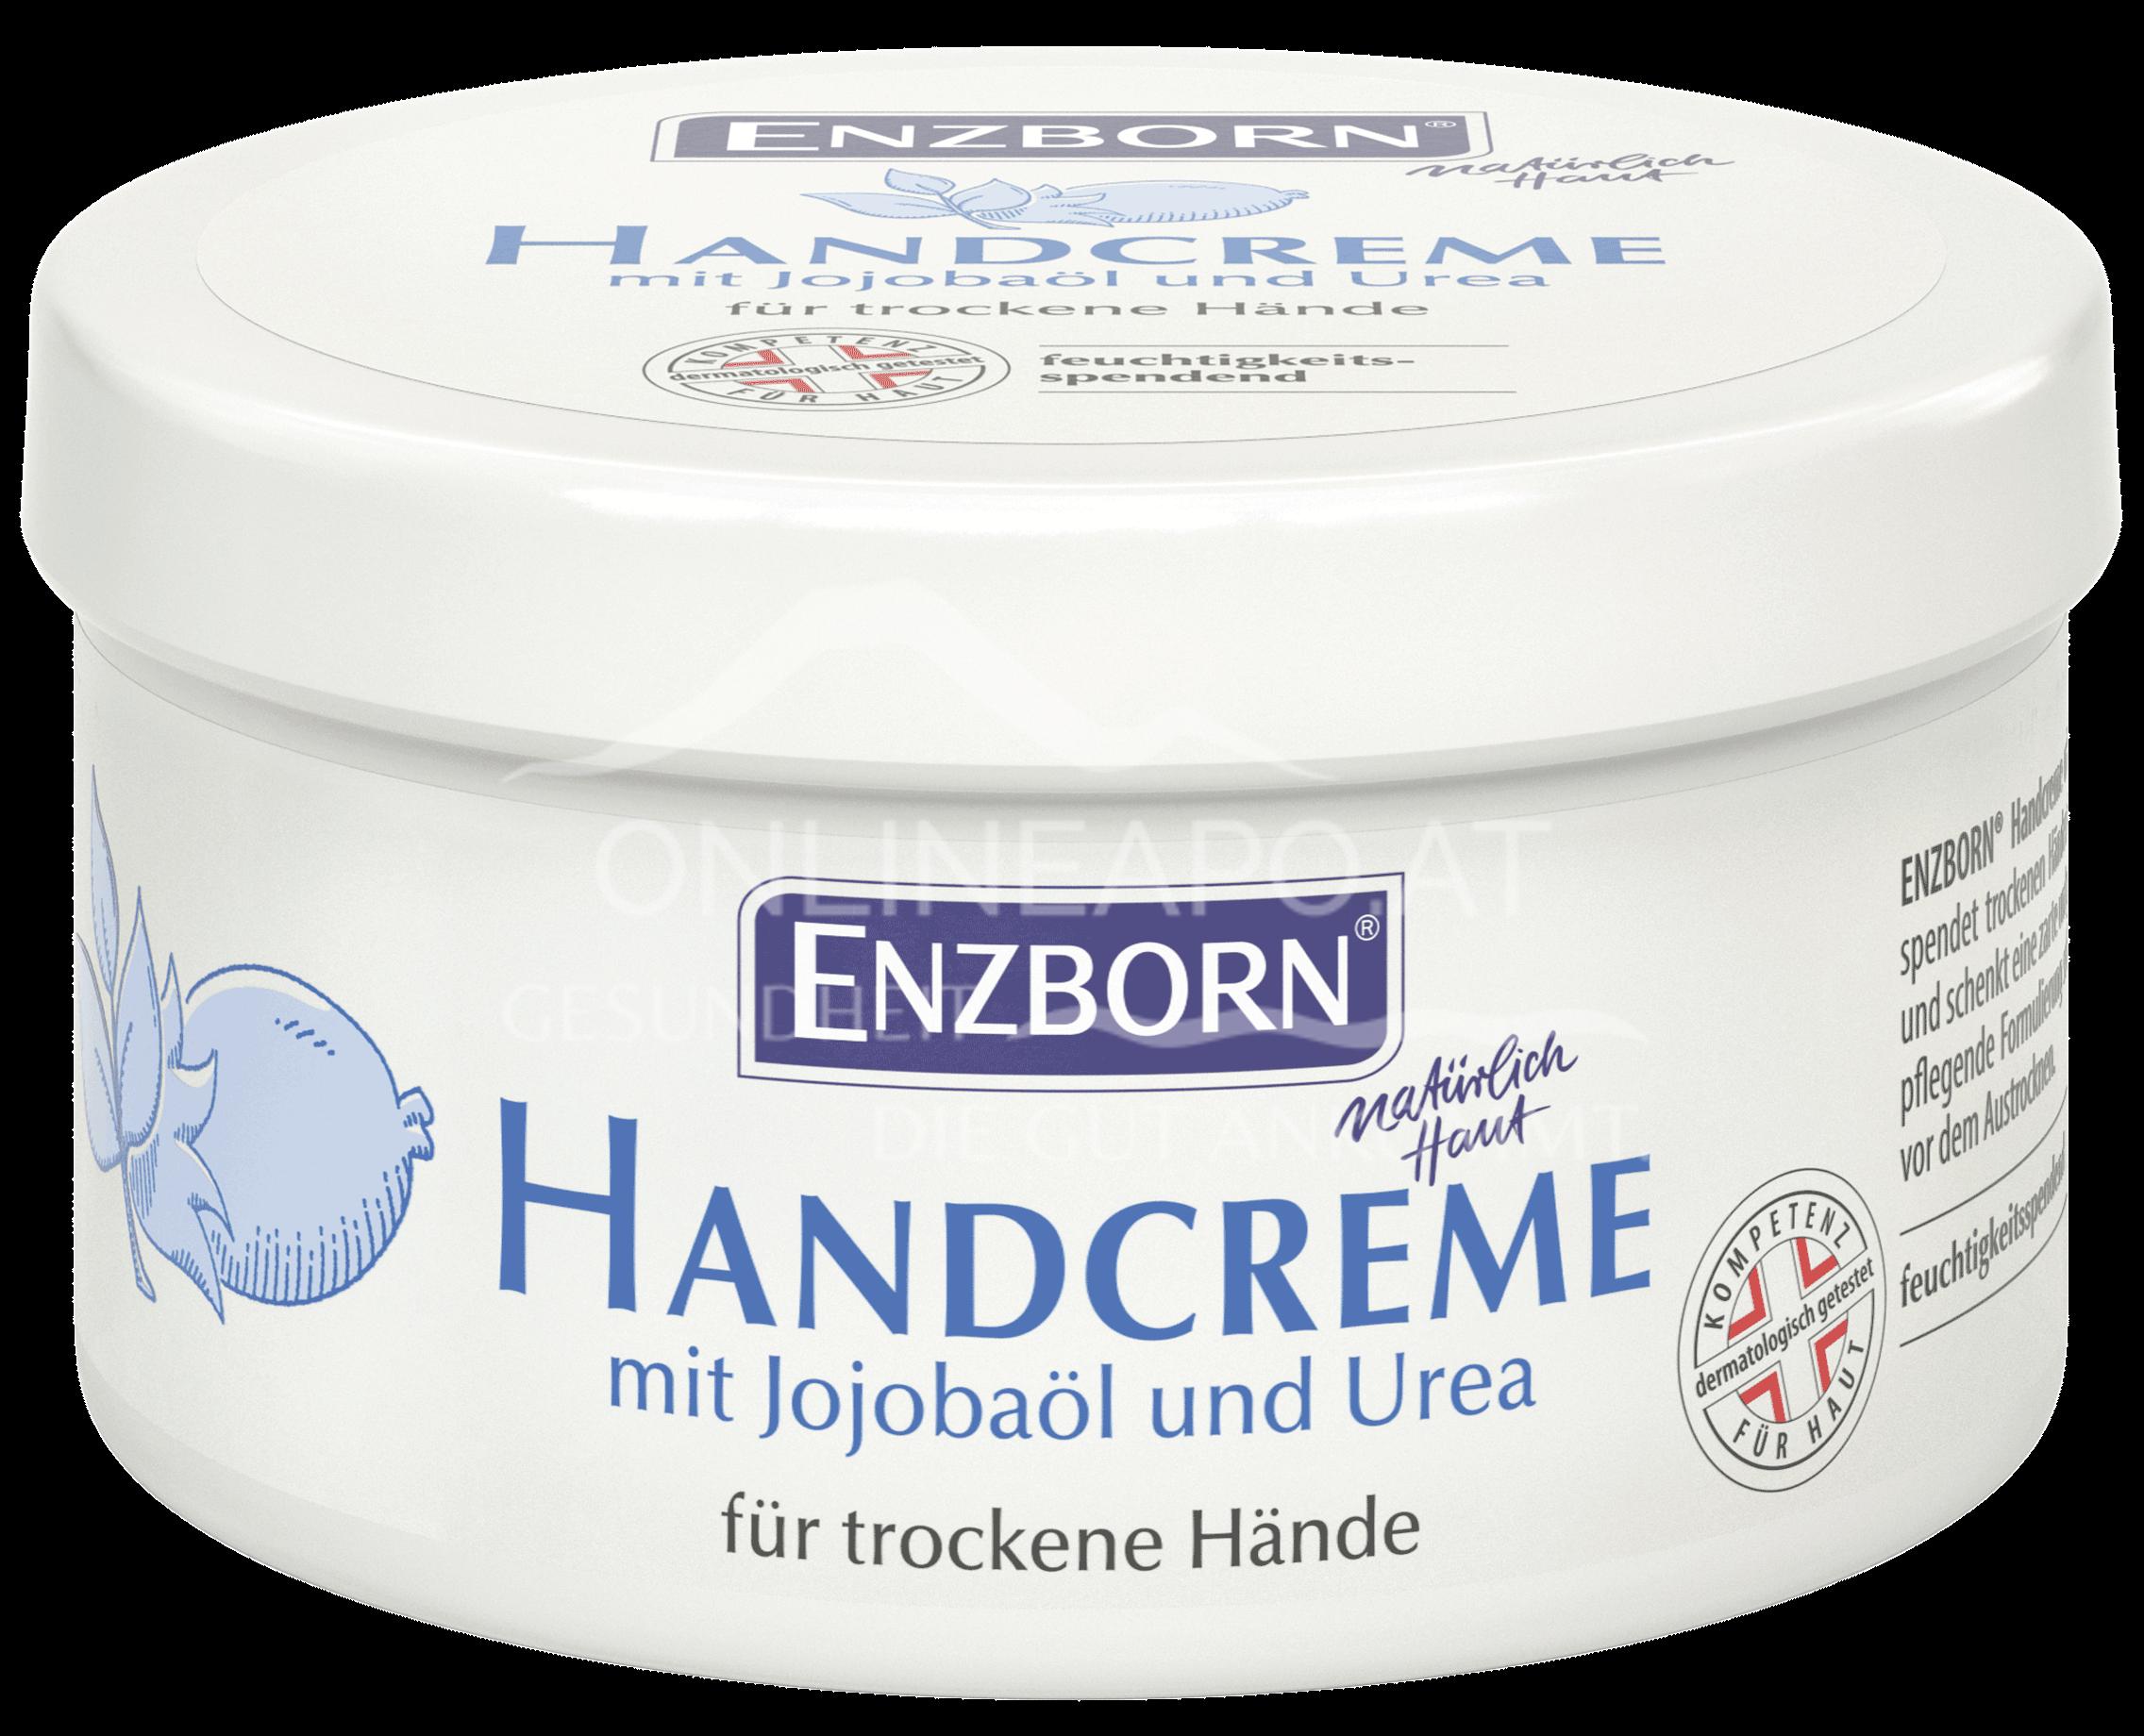 Enzborn Handcreme mit Jojobaöl und Urea